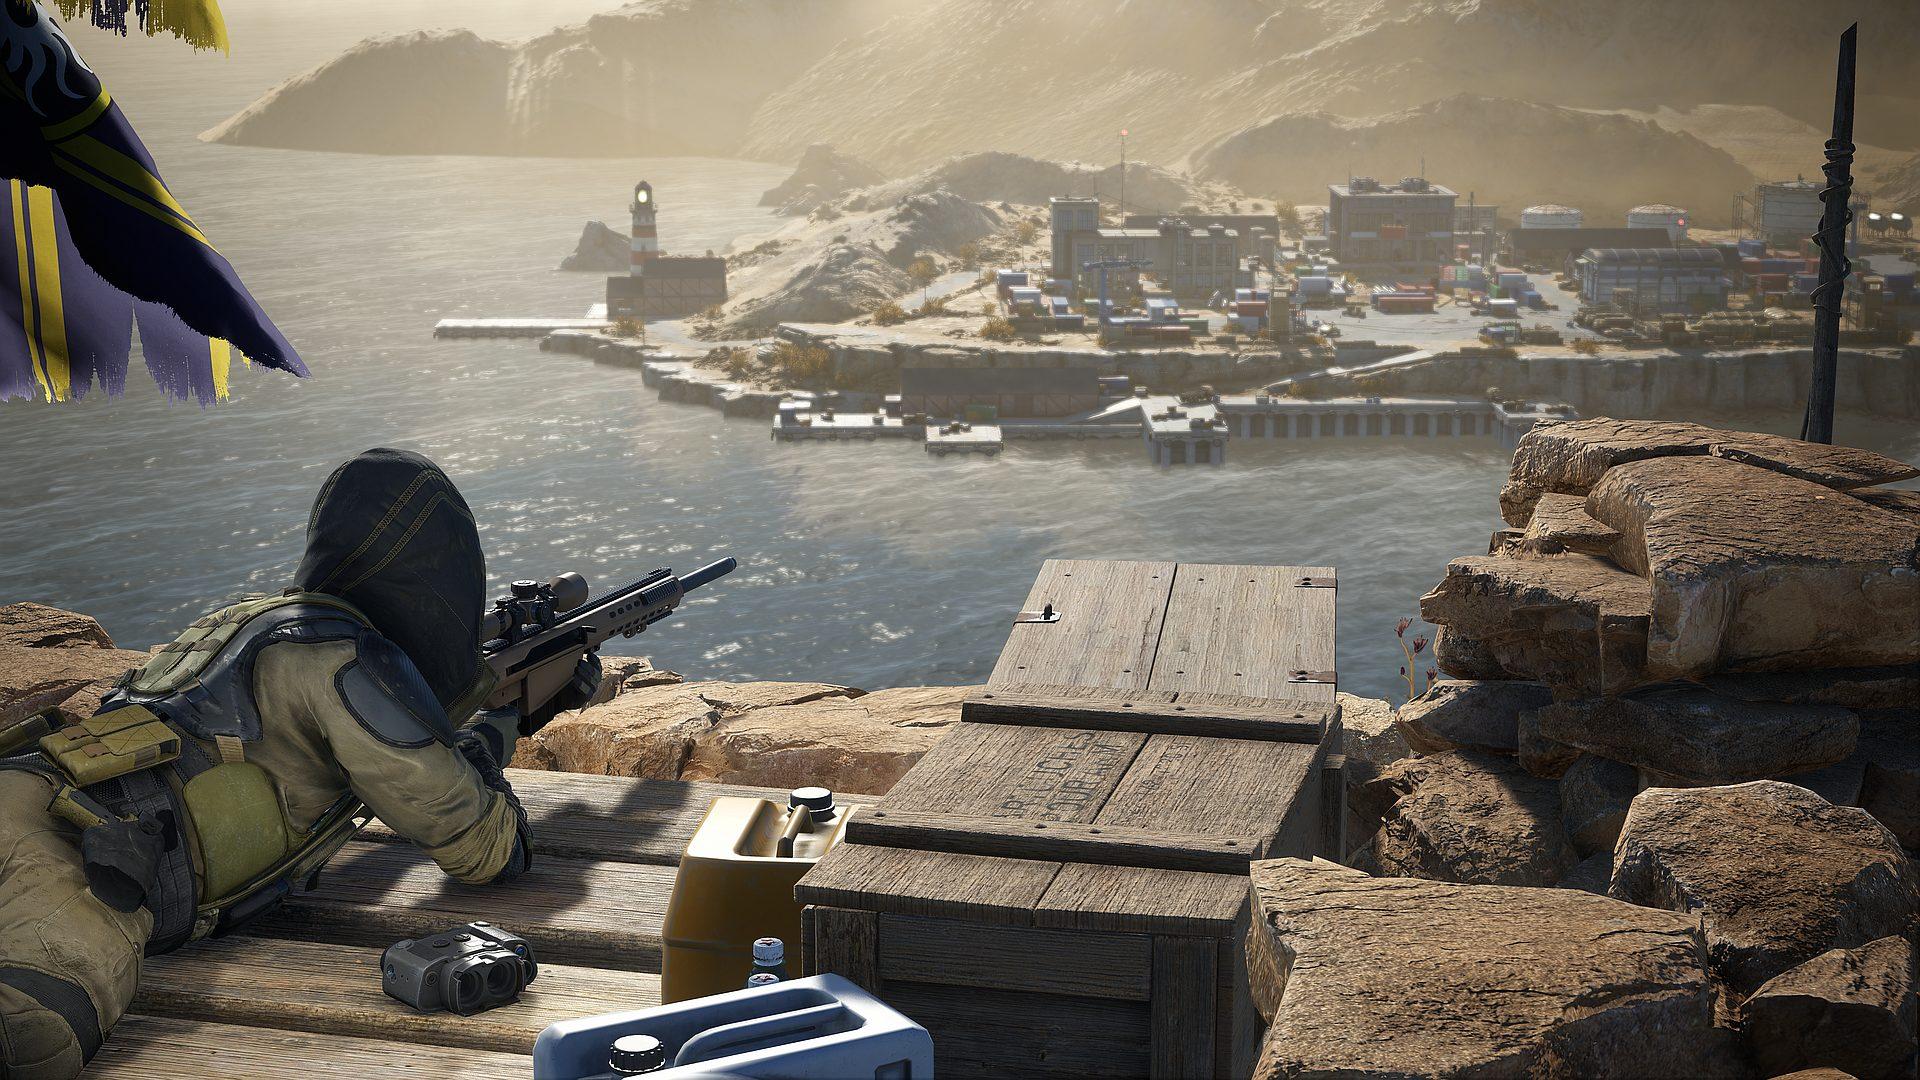 Fwd: [Gameplay Reveal] Sniper Ghost Warrior Contracts 2's Next-Gen Debut Is EXPLOSIVE, Due in June